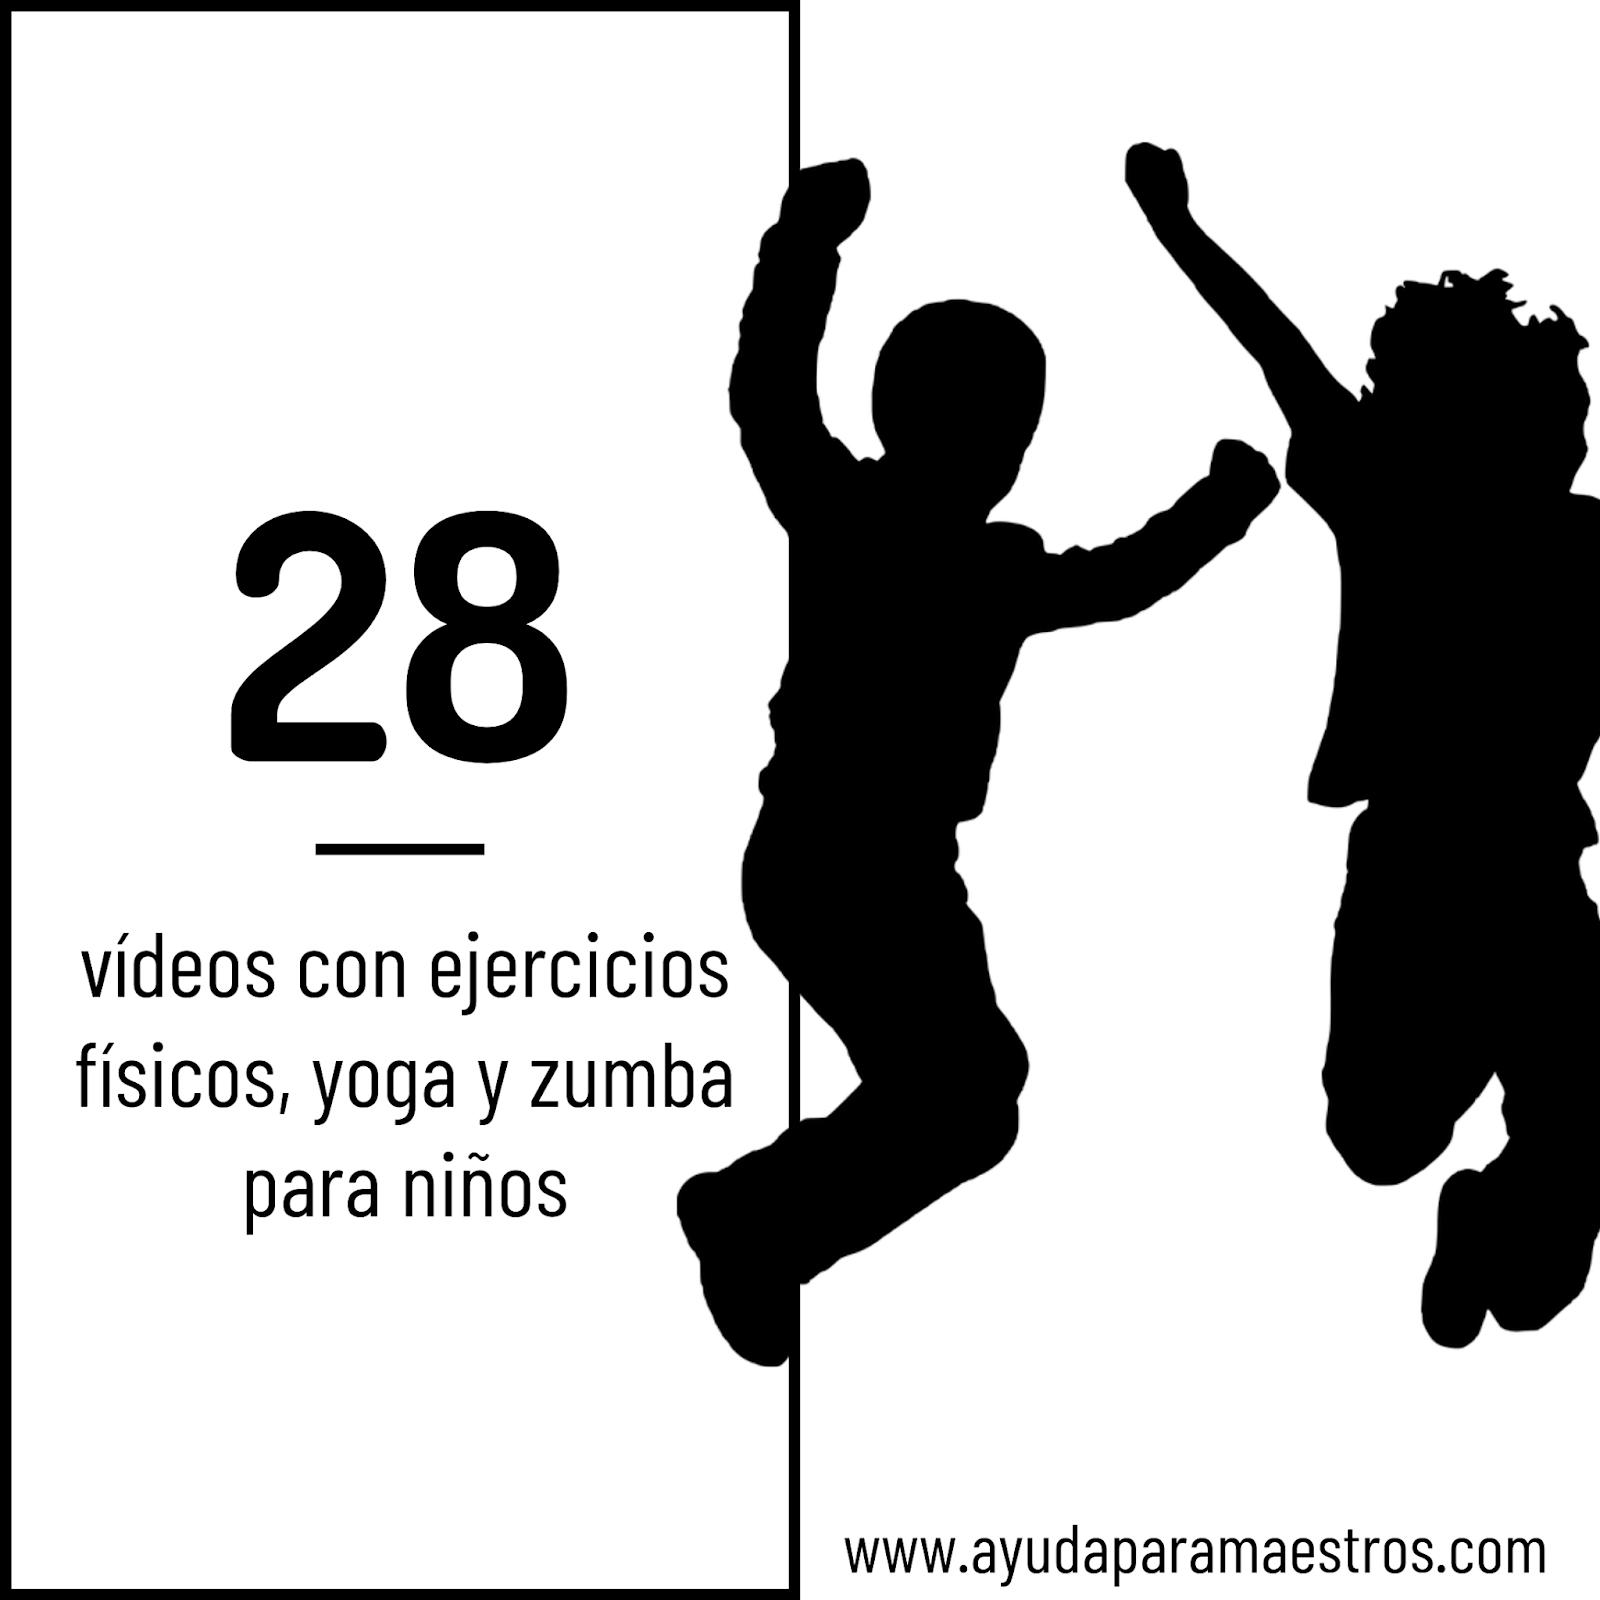 Ayuda Para Maestros 28 Videos Con Ejercicios Fisicos Yoga Y Zumba Para Ninos